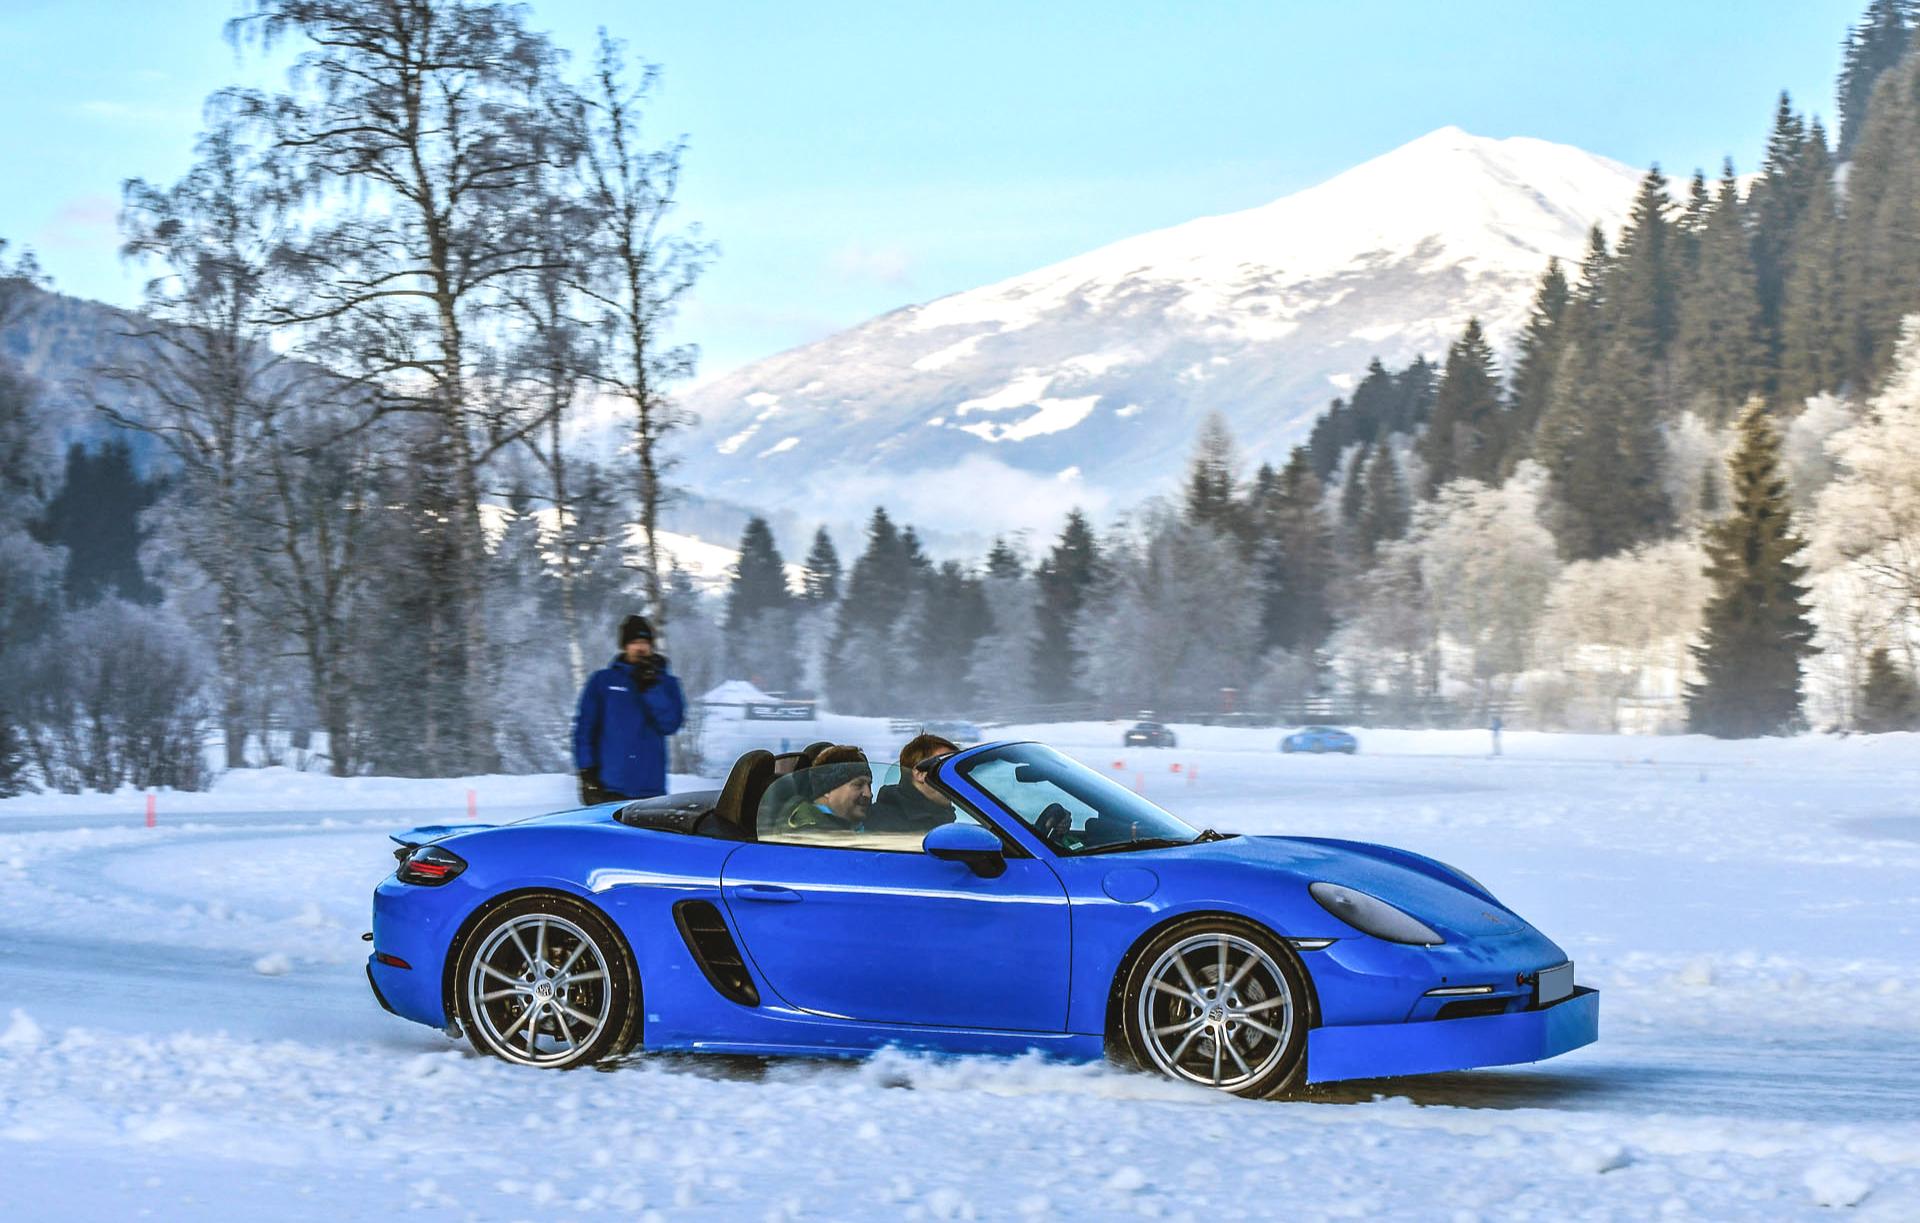 drift-kurs-arvidsjaur-car-sharing-variante-bg3